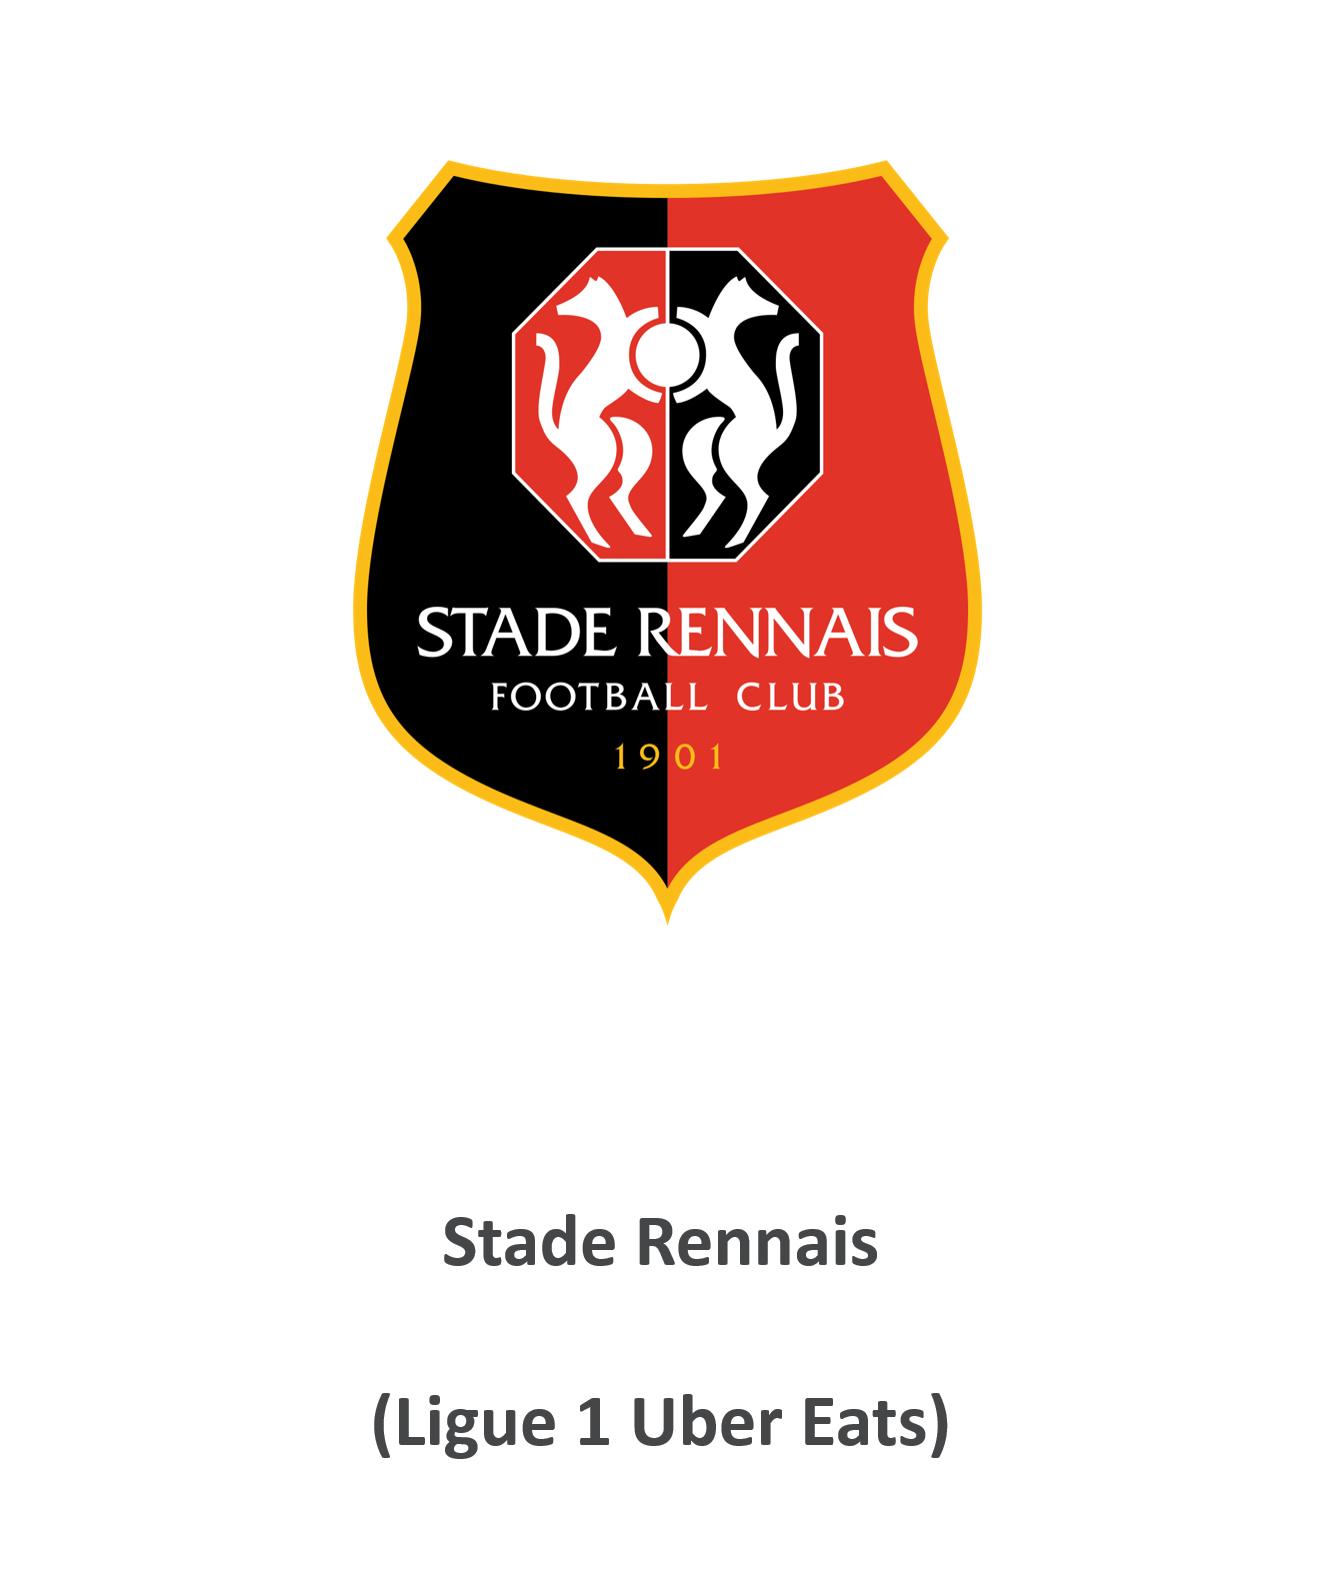 https://mclloyd.com/wp-content/uploads/2021/05/Stade-Rennais-3.png